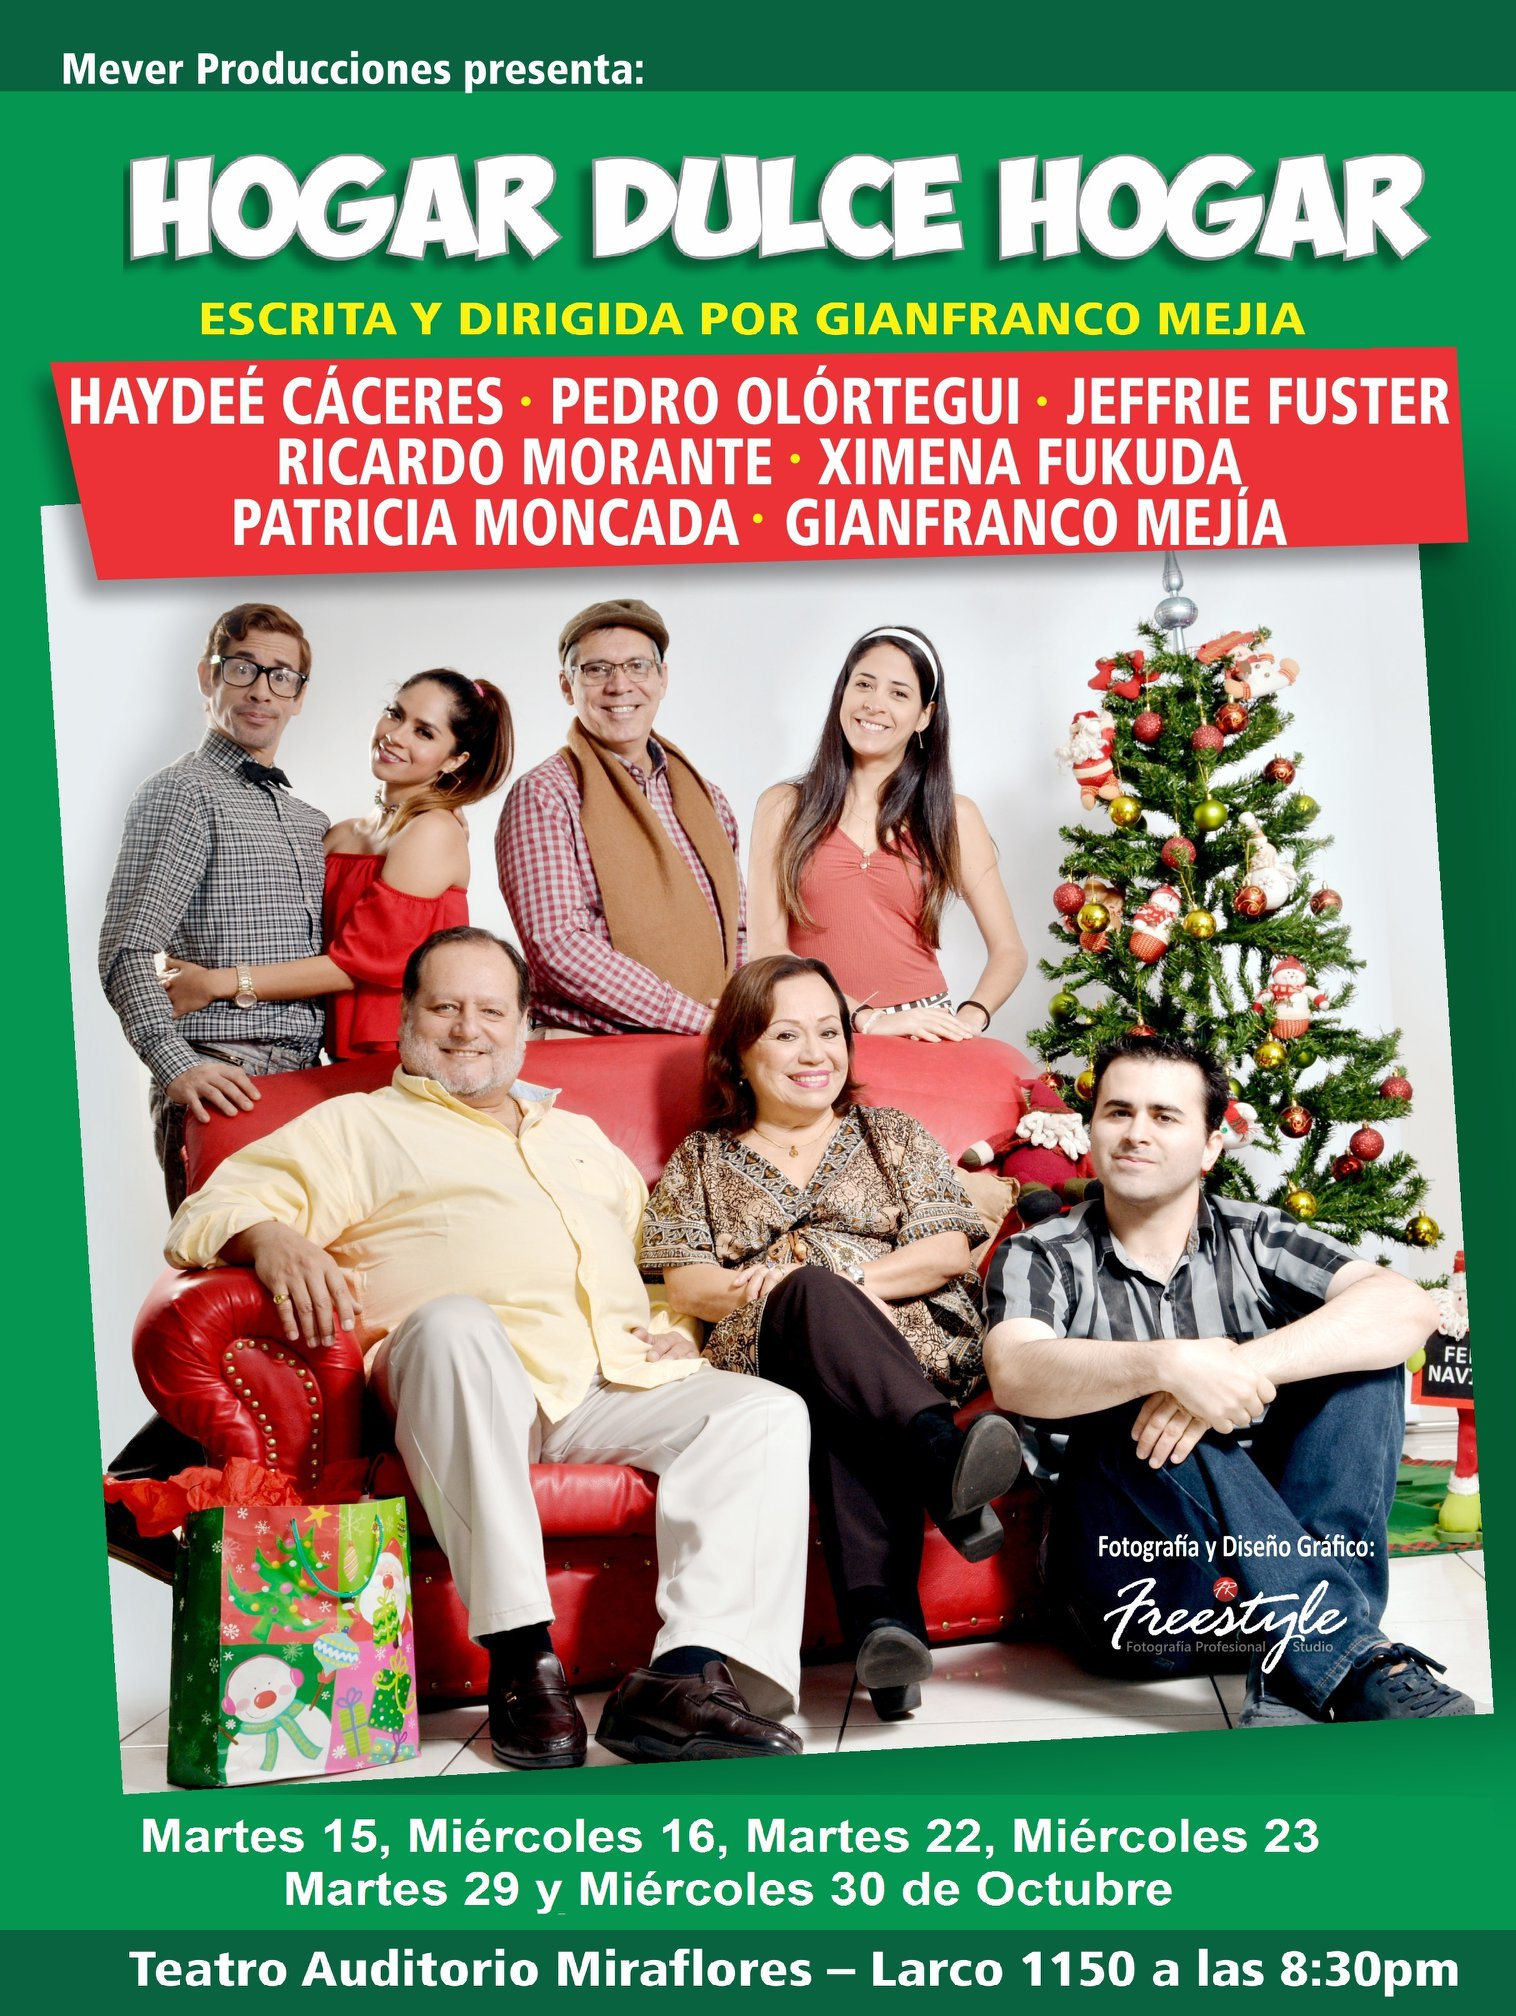 Hogar dulce Hogar - Obra de teatro Mever Producciones - Escrita y dirigida por Gianfranco Mejia